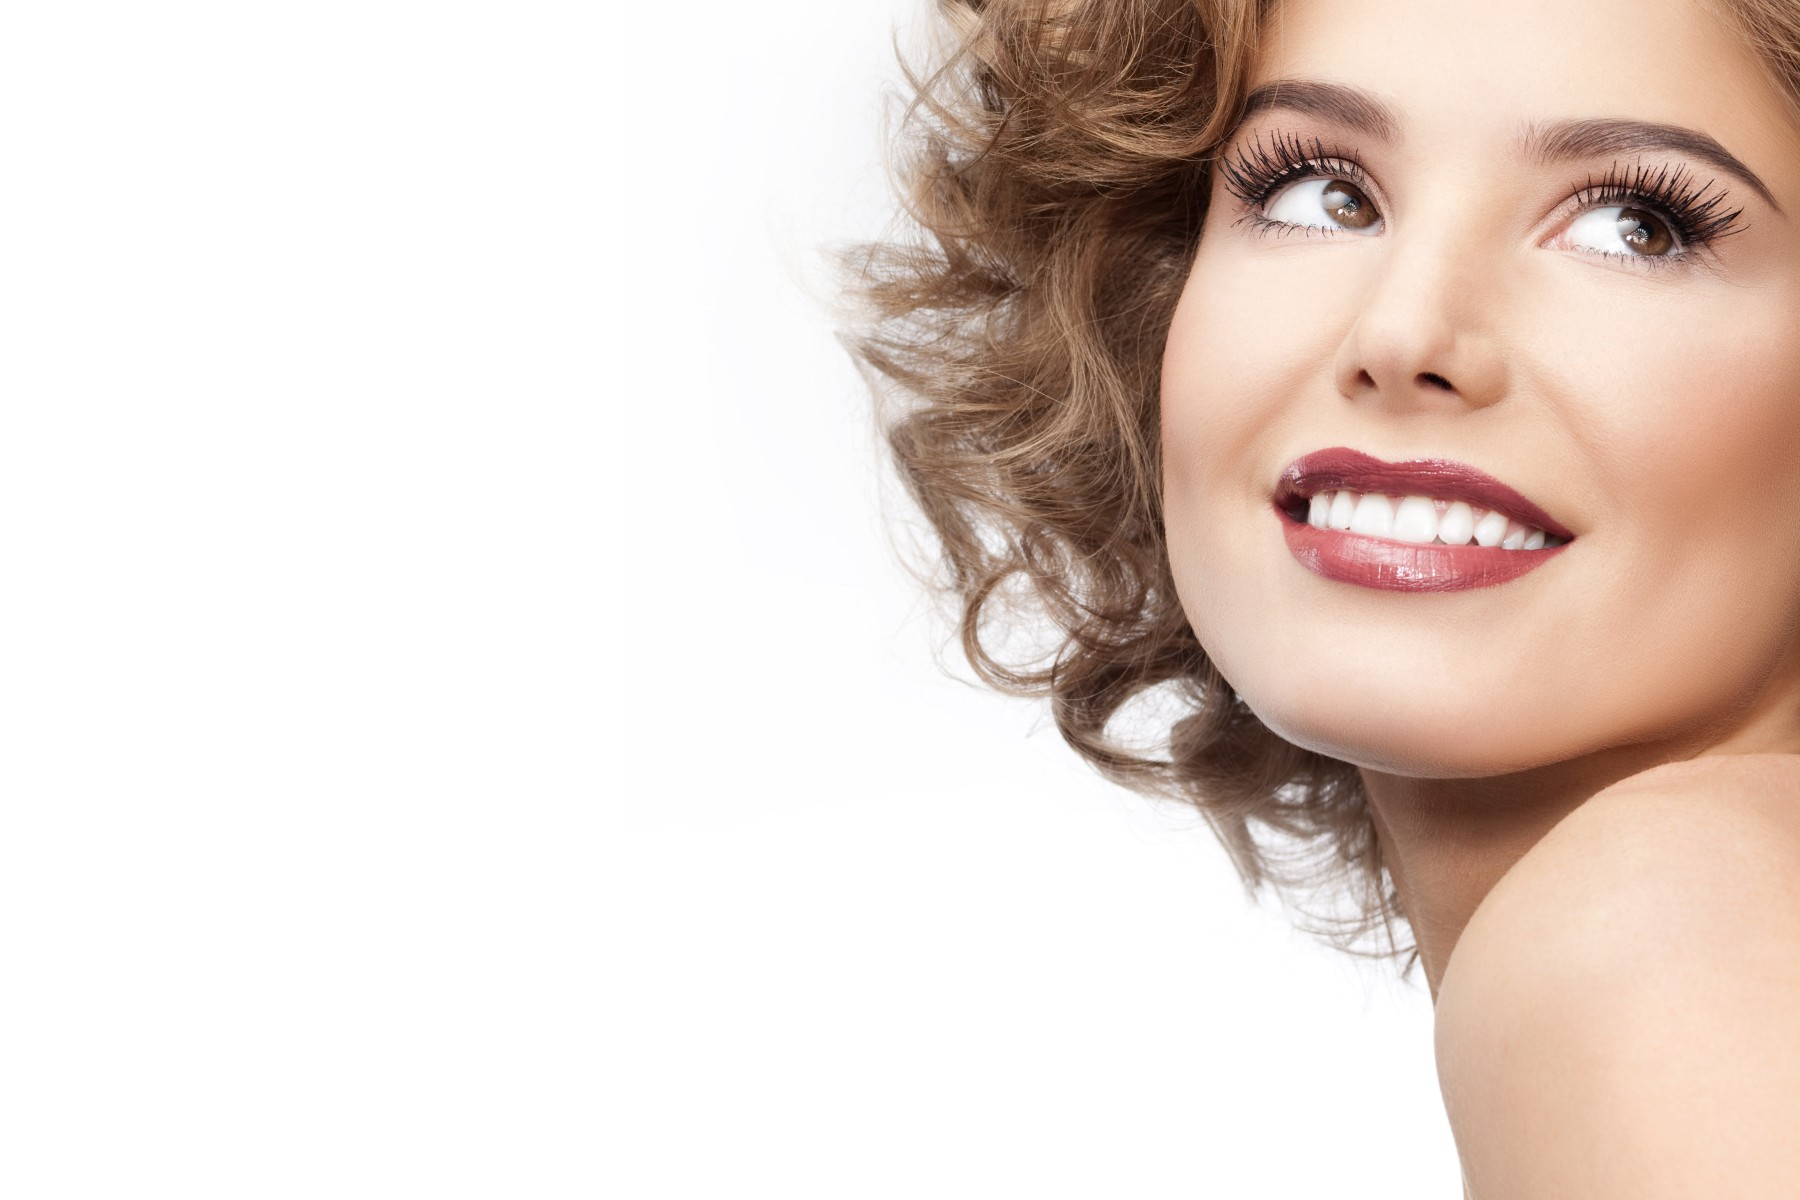 Можно ли восстановить зуб так, чтобы он ничем не отличался от настоящего?